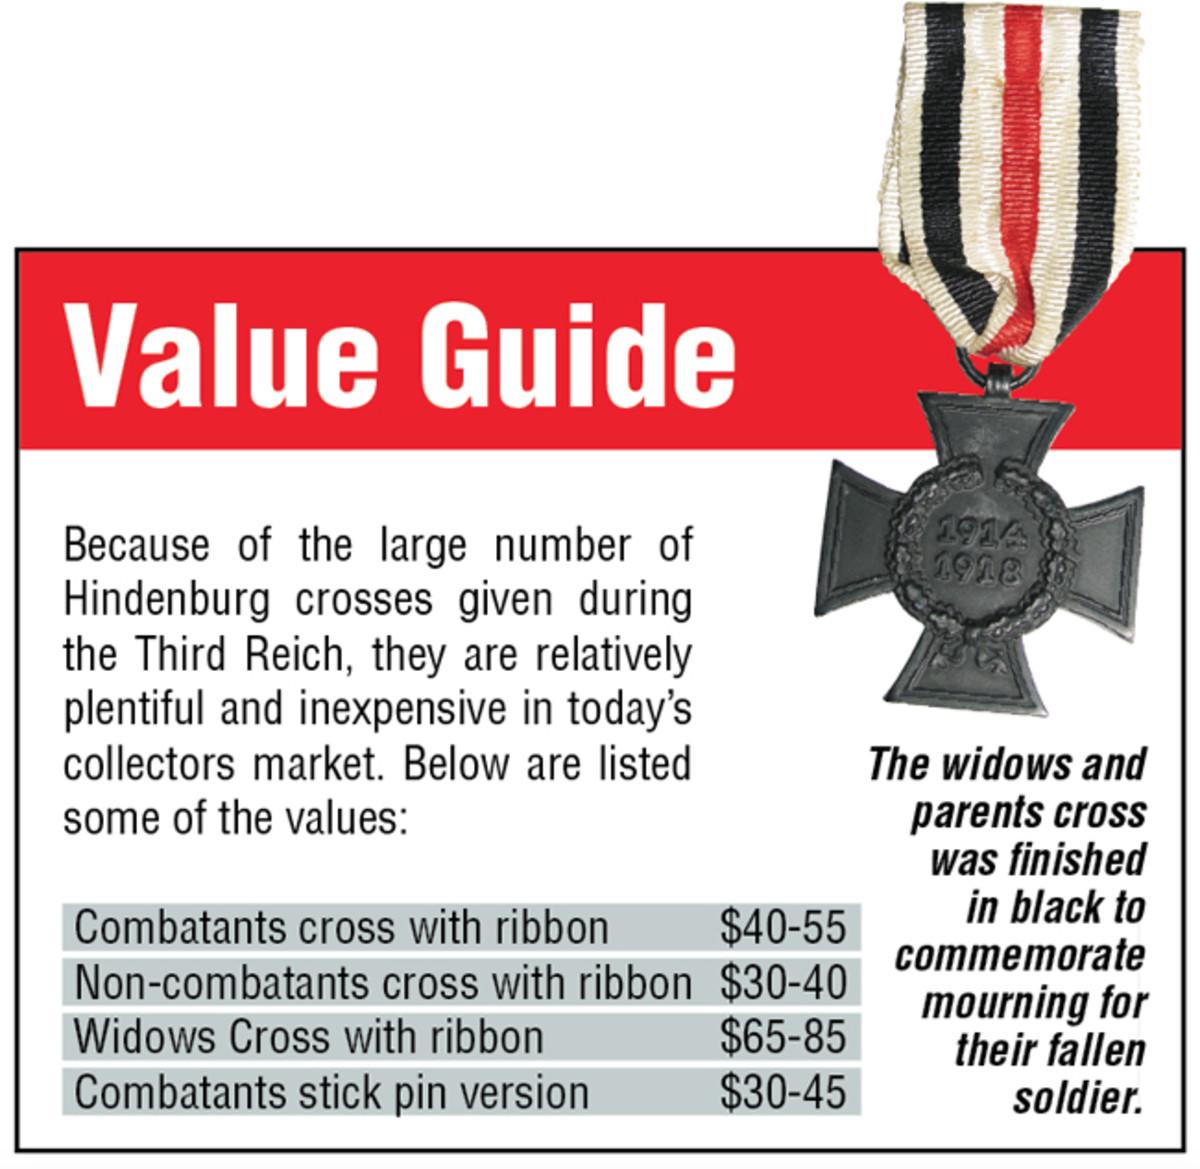 Vaslue Guide 1